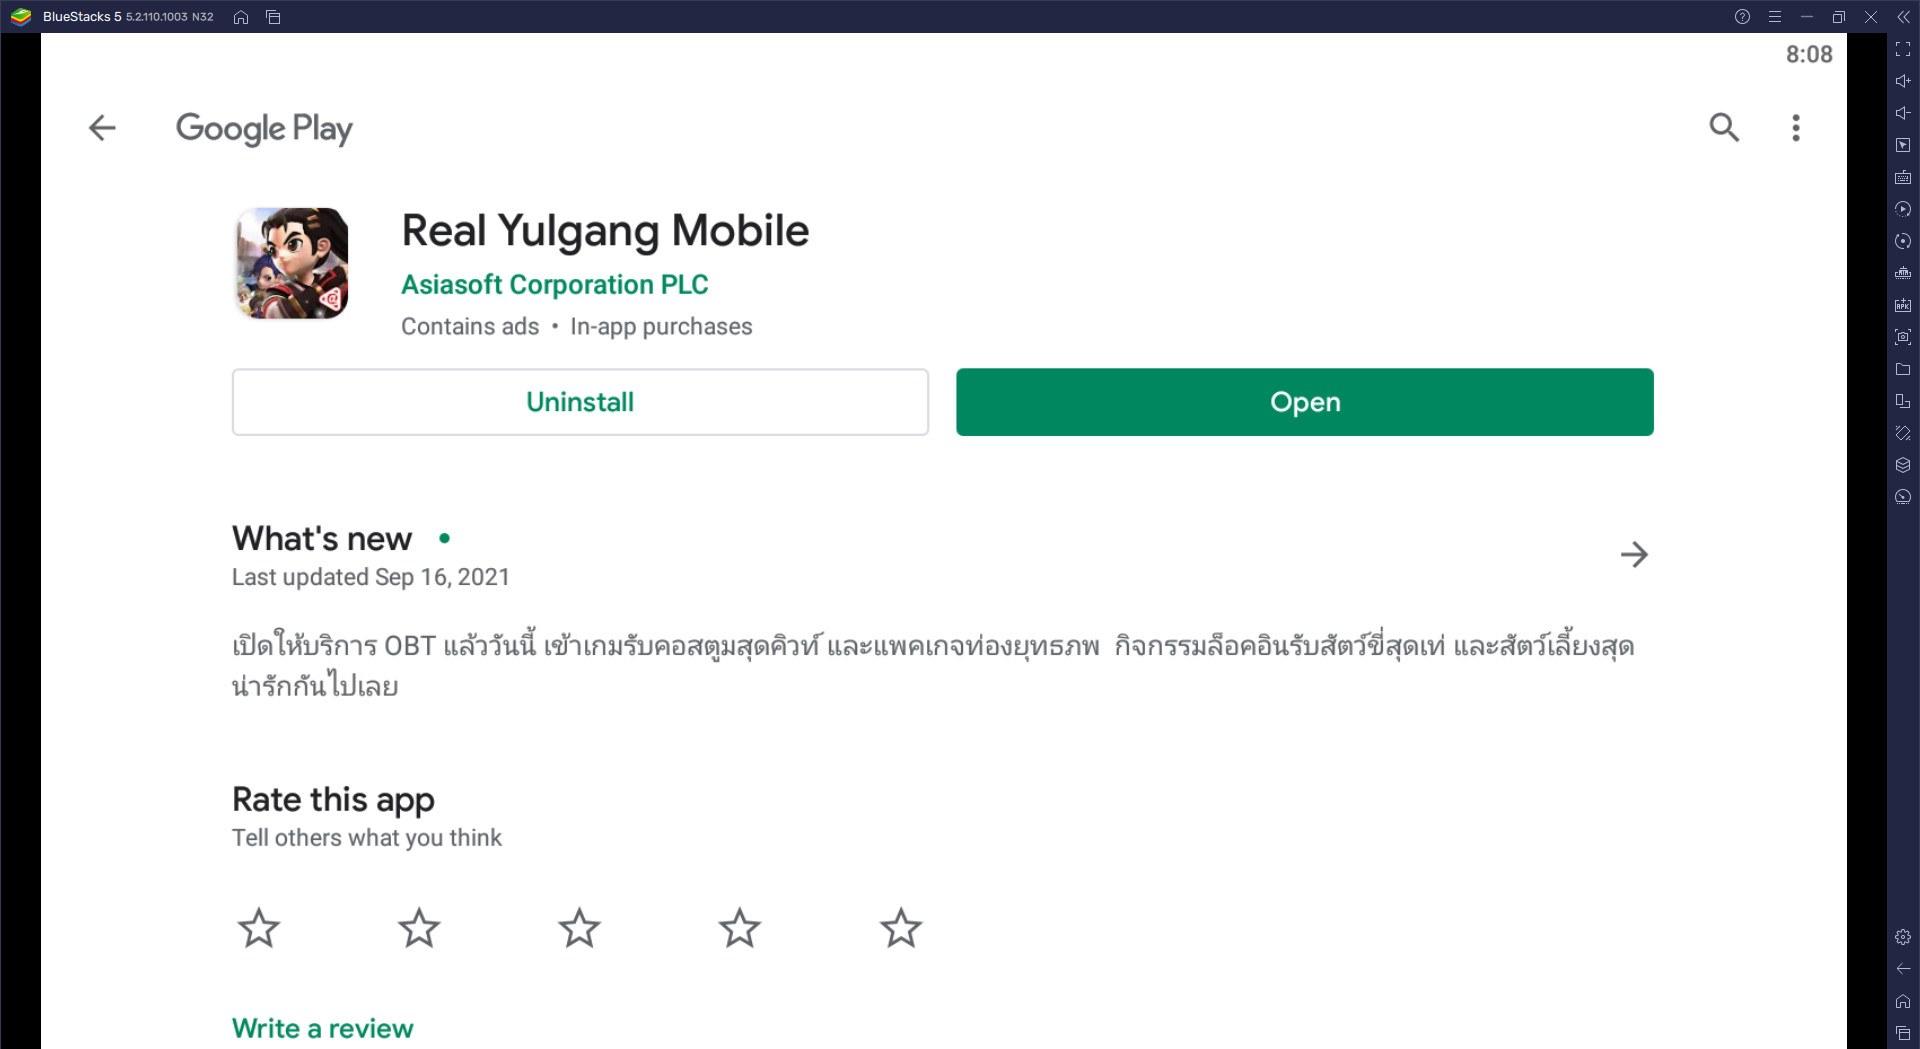 วิธีติดตั้ง Real Yulgang Mobile บน PC และ Mac ผ่าน BlueStacks